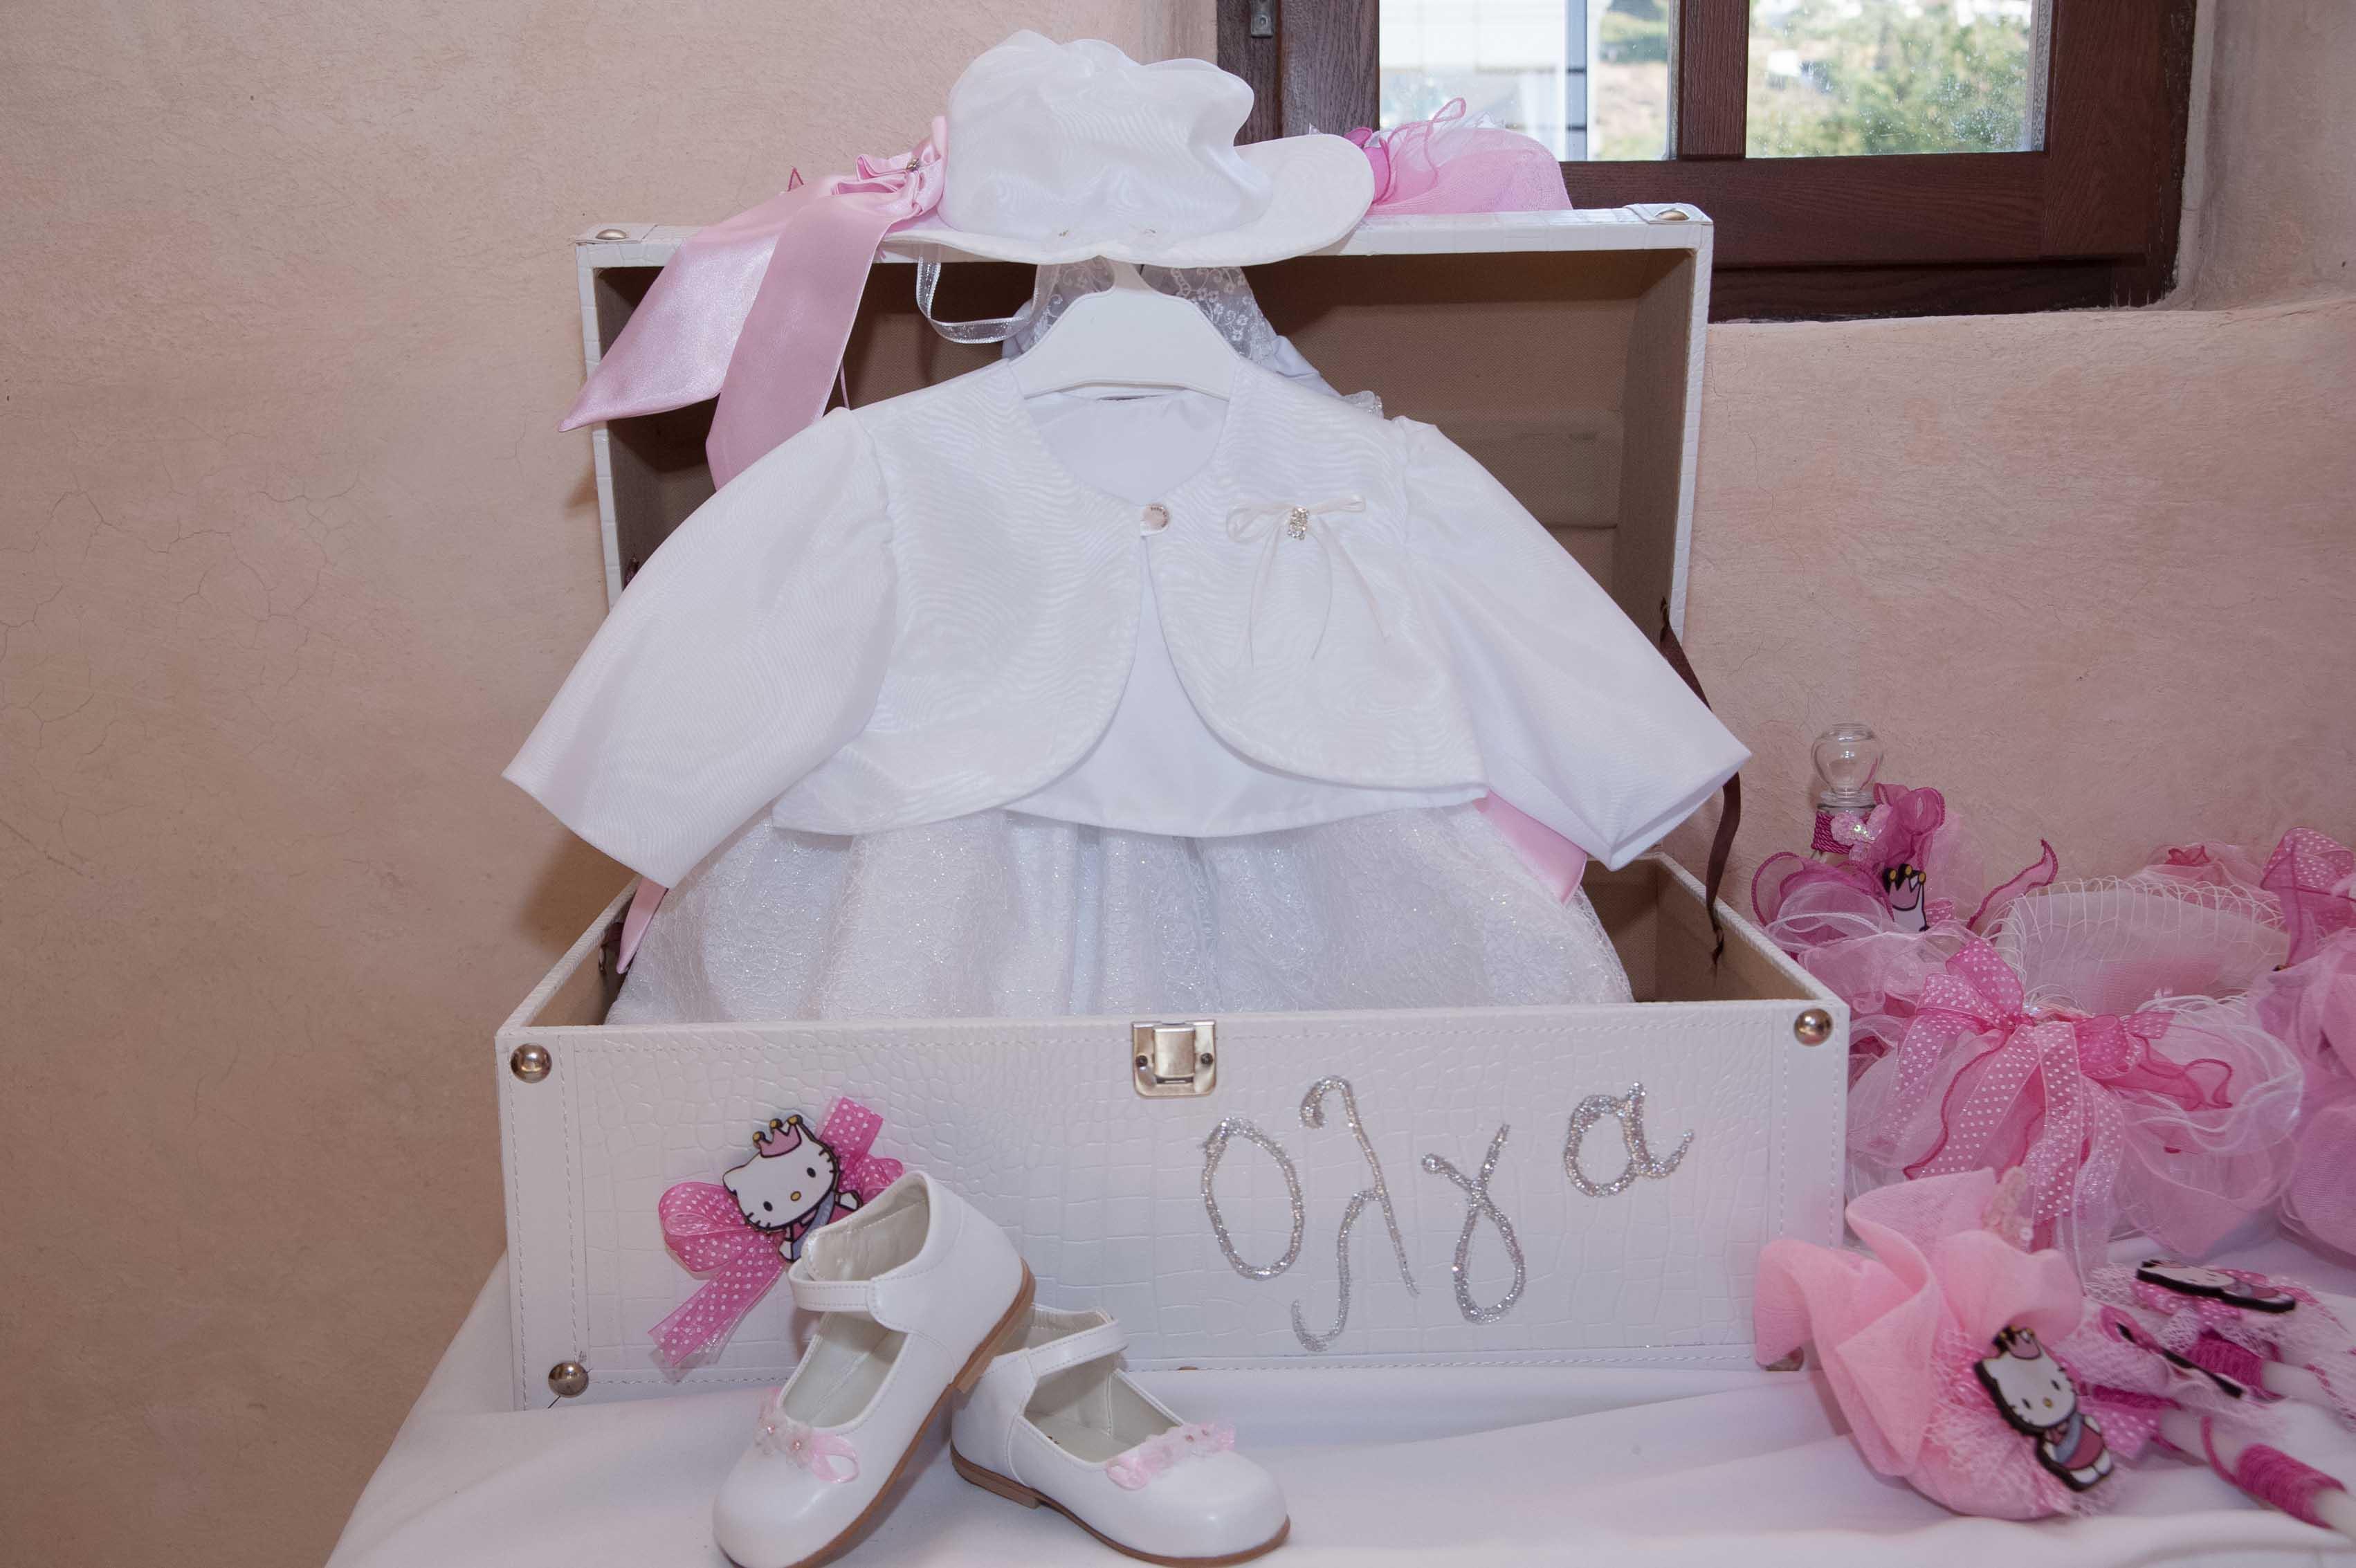 Βάπτιση Όλγας